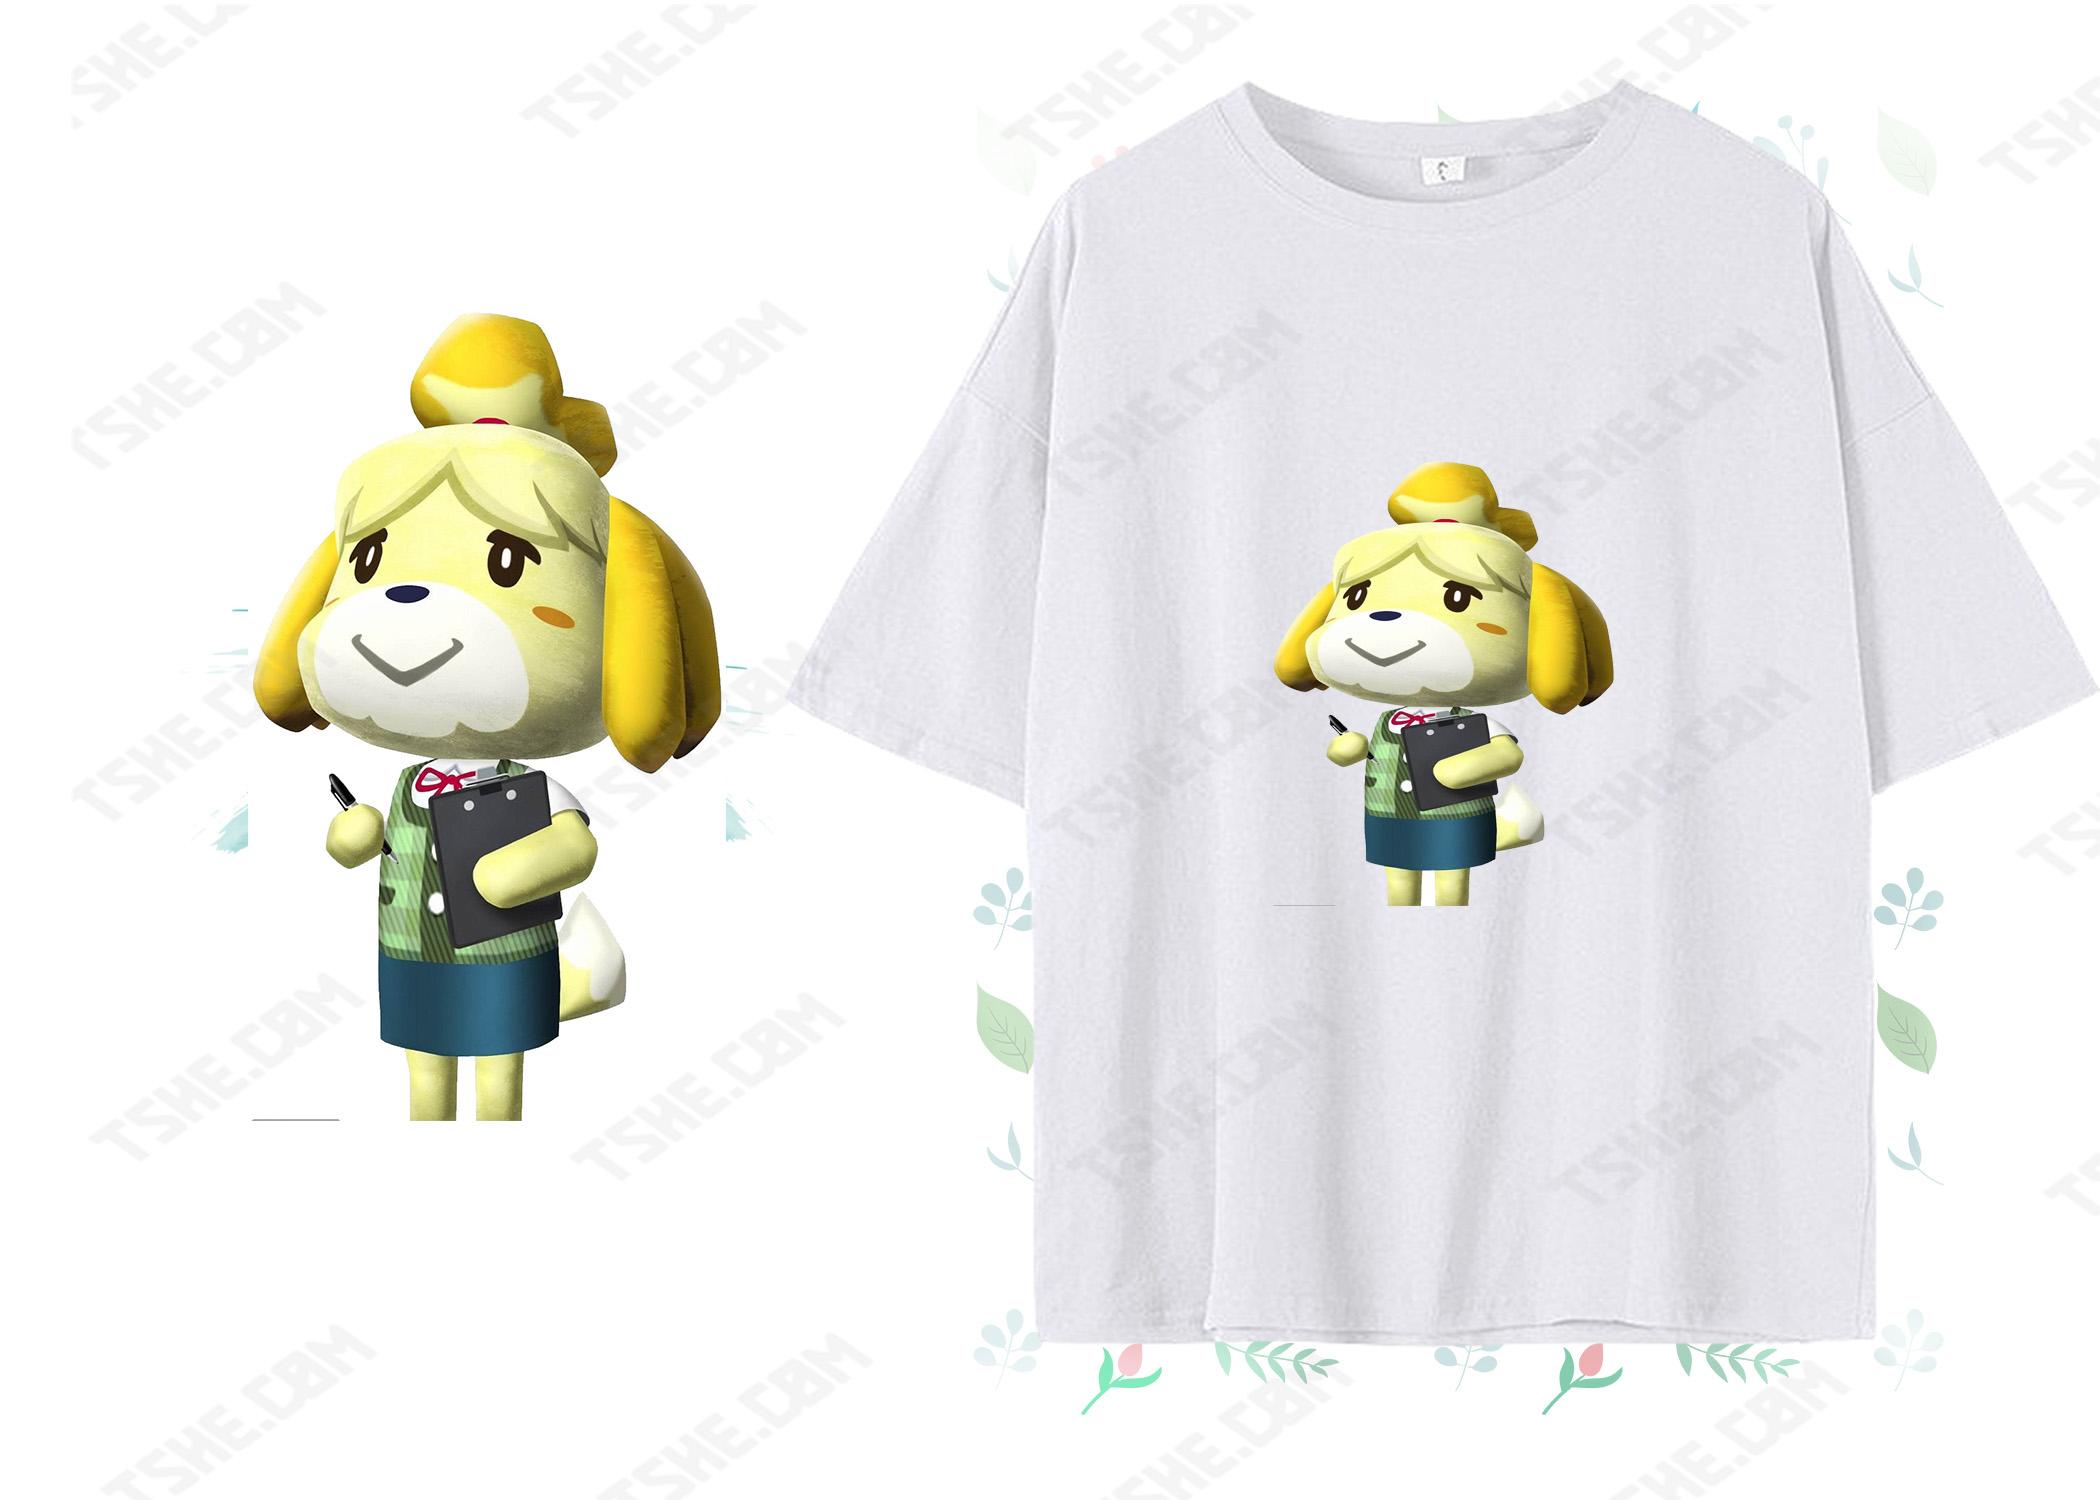 初來乍島,集合啦!動物森友會 DIY T恤